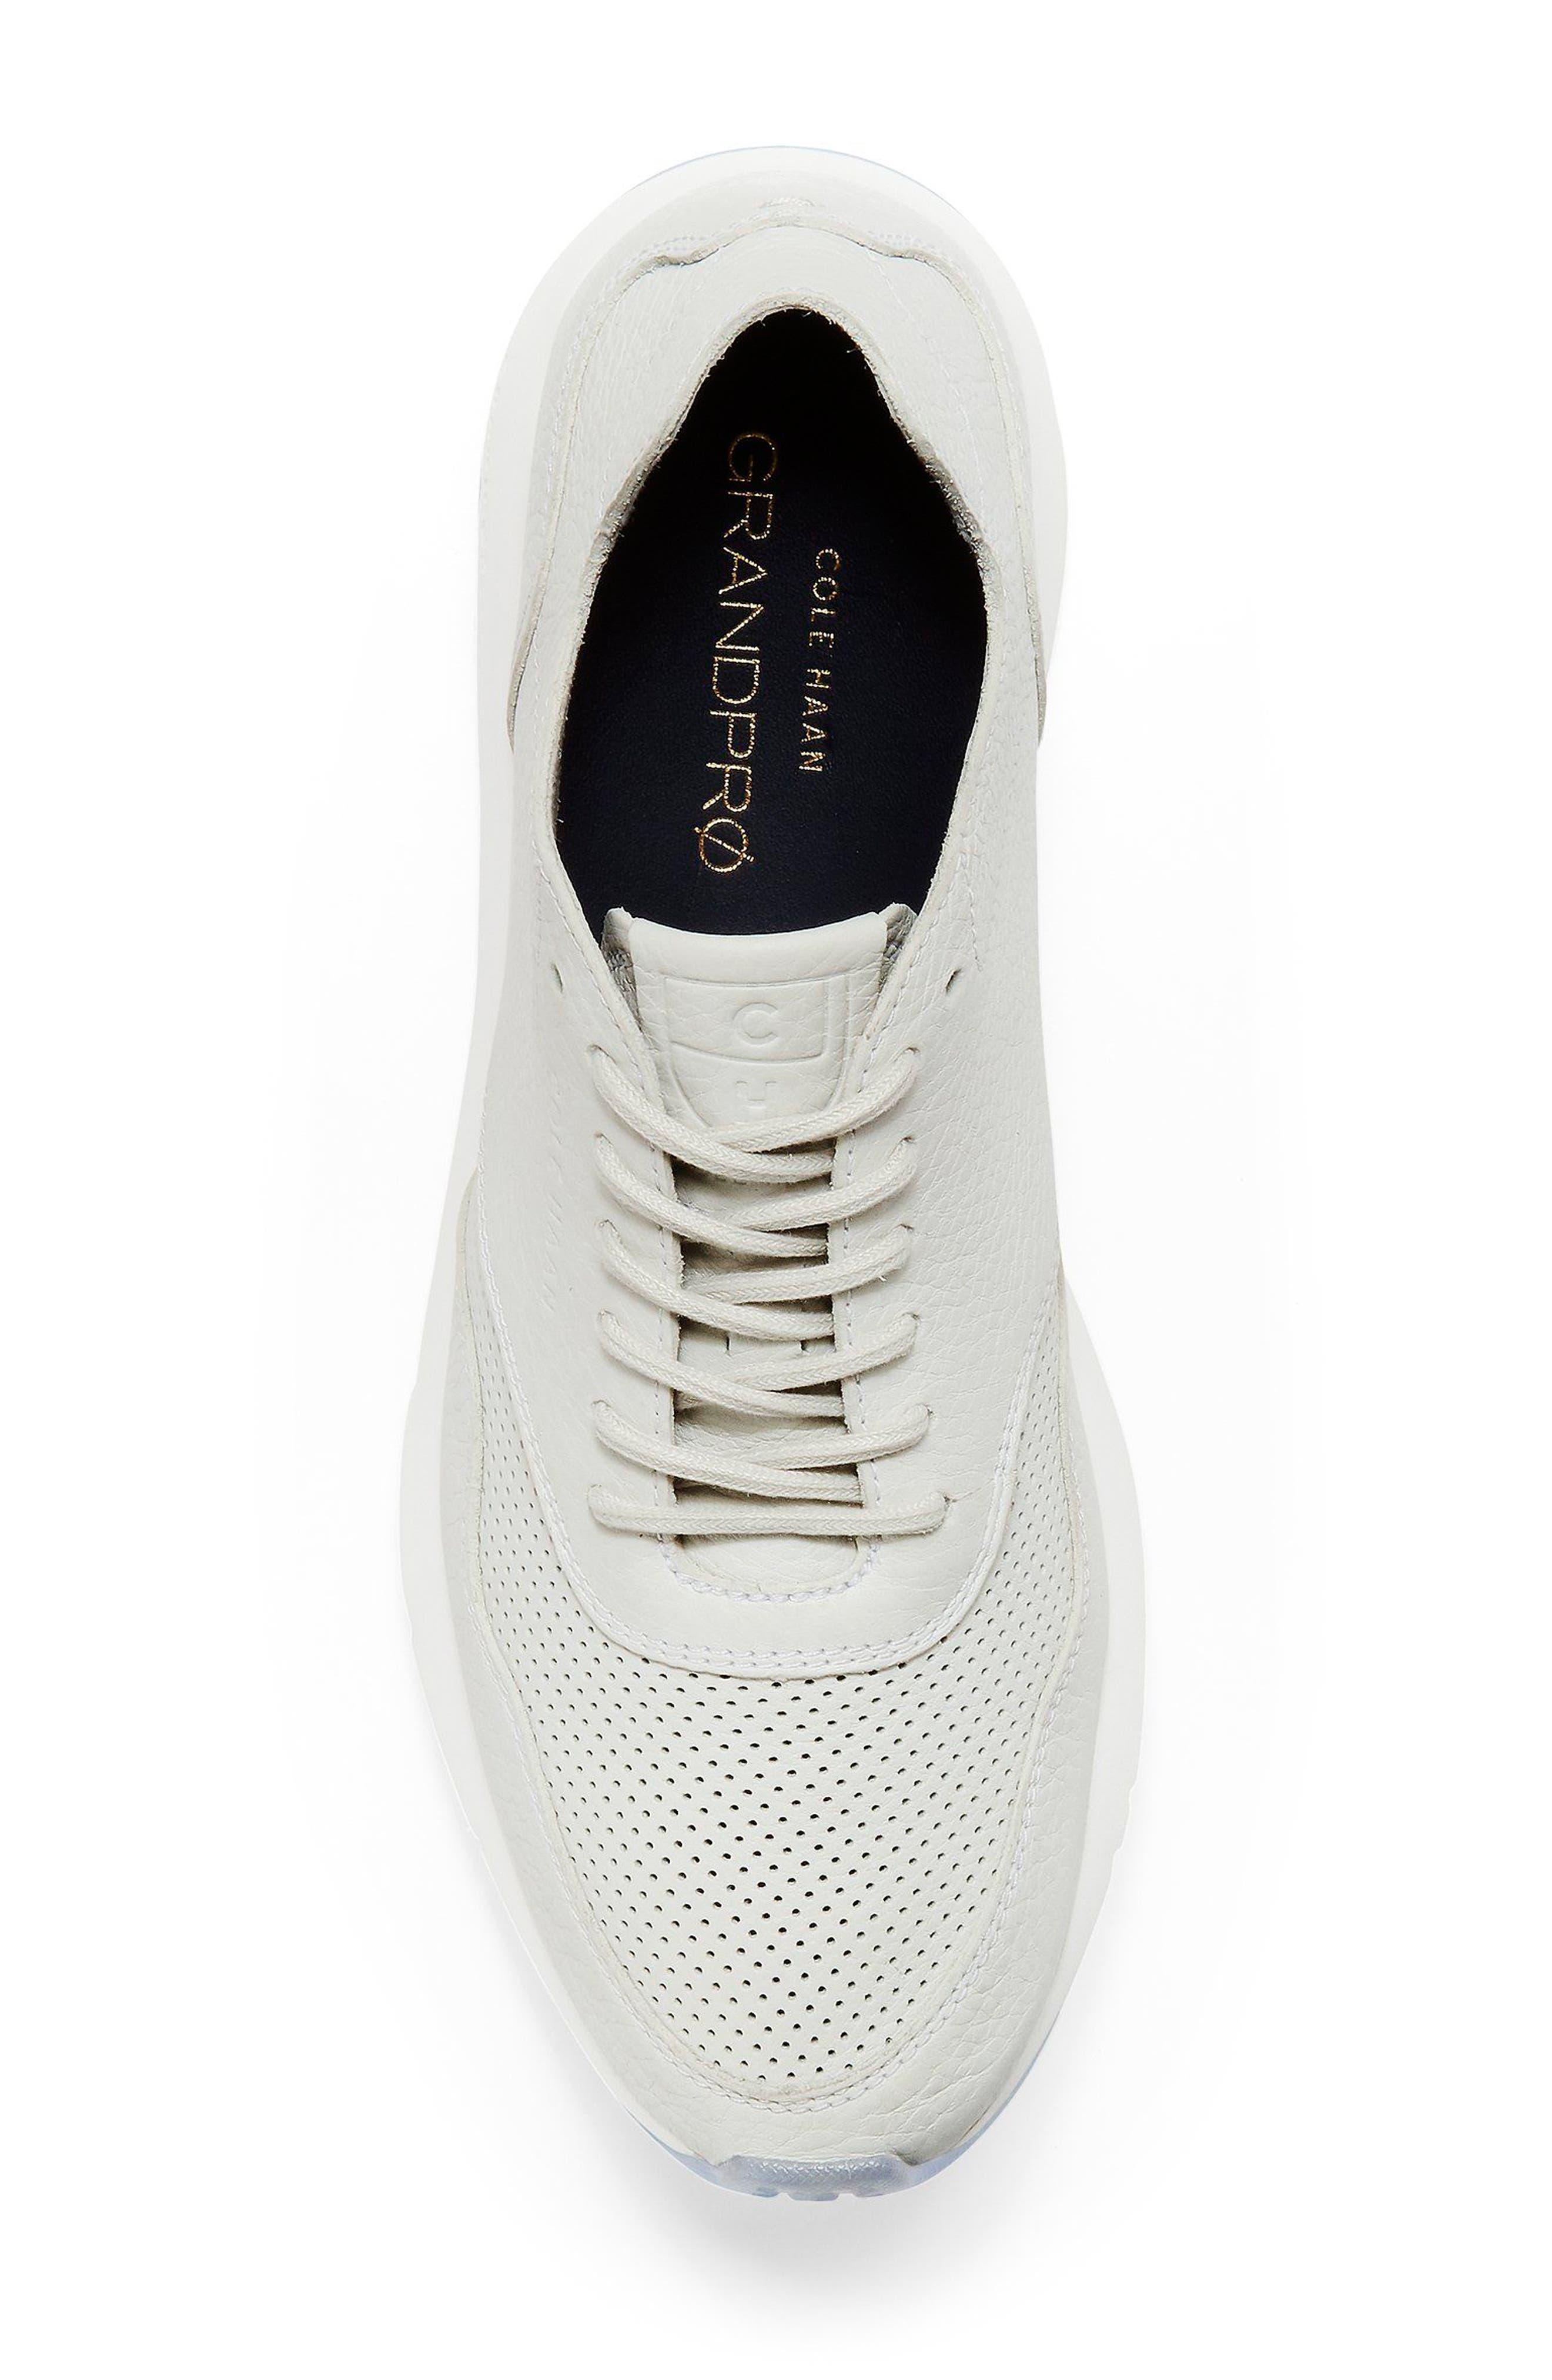 GrandPrø Deconstructed Running Sneaker,                             Alternate thumbnail 5, color,                             White Leather